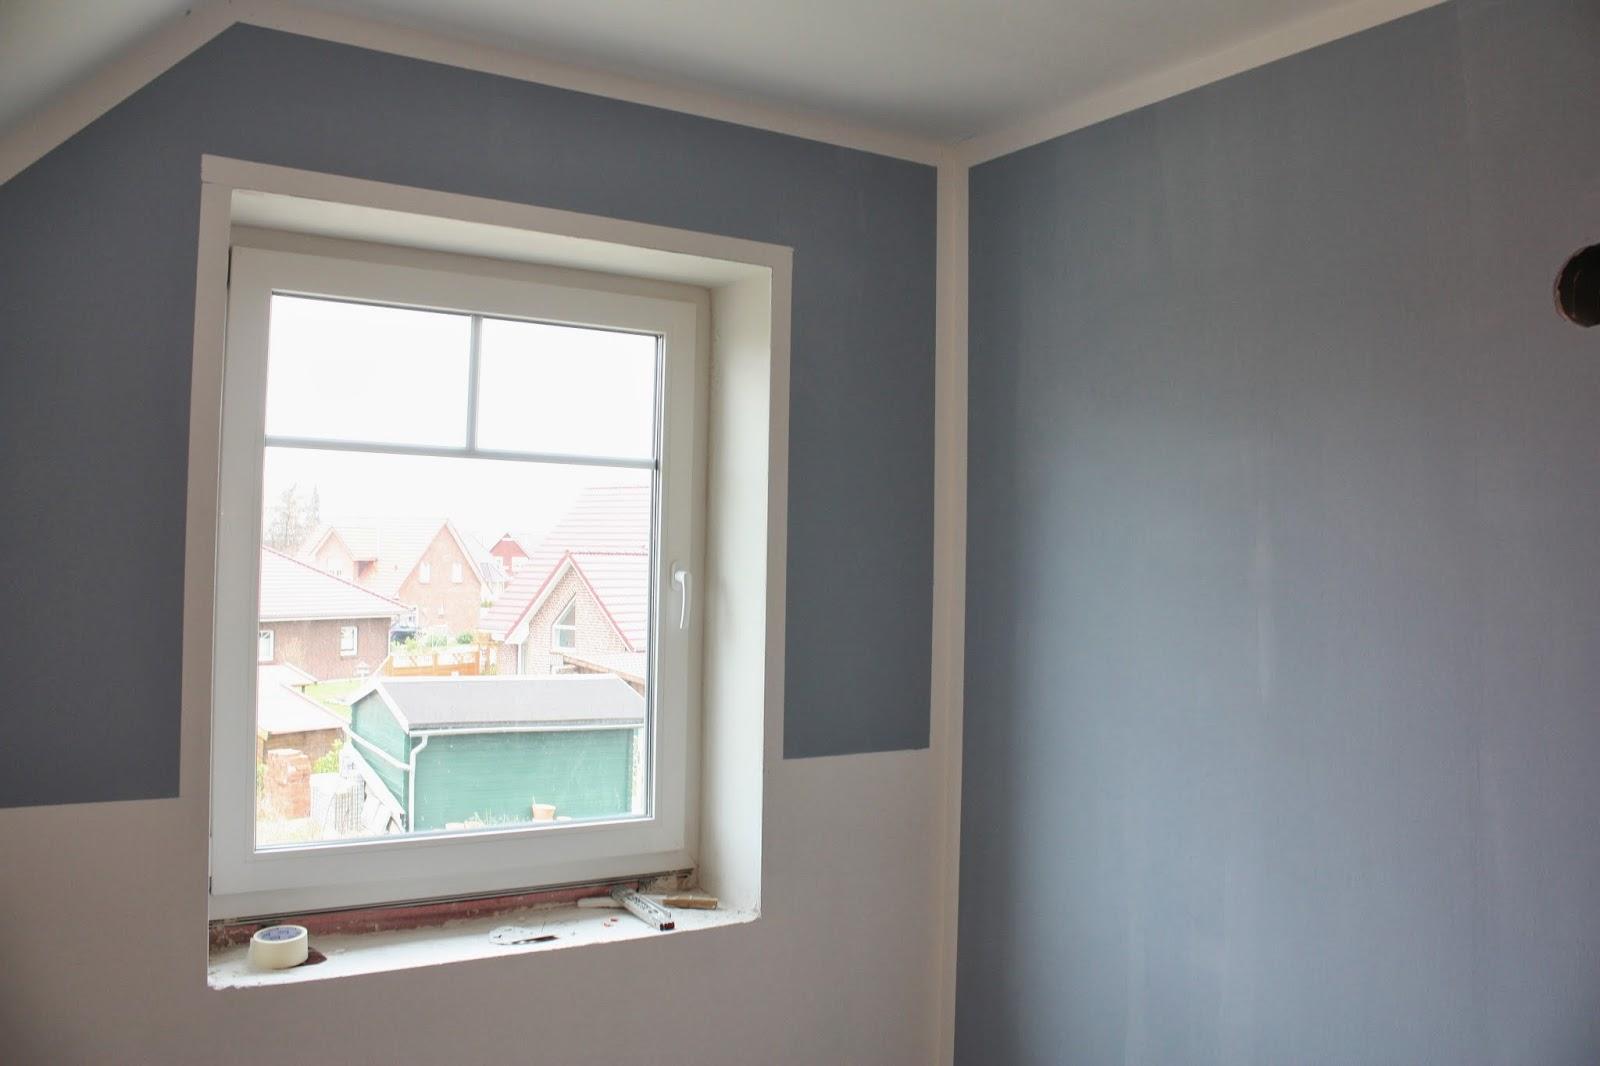 Holzfenster Richtig Streichen Fenster Weiß Streichen